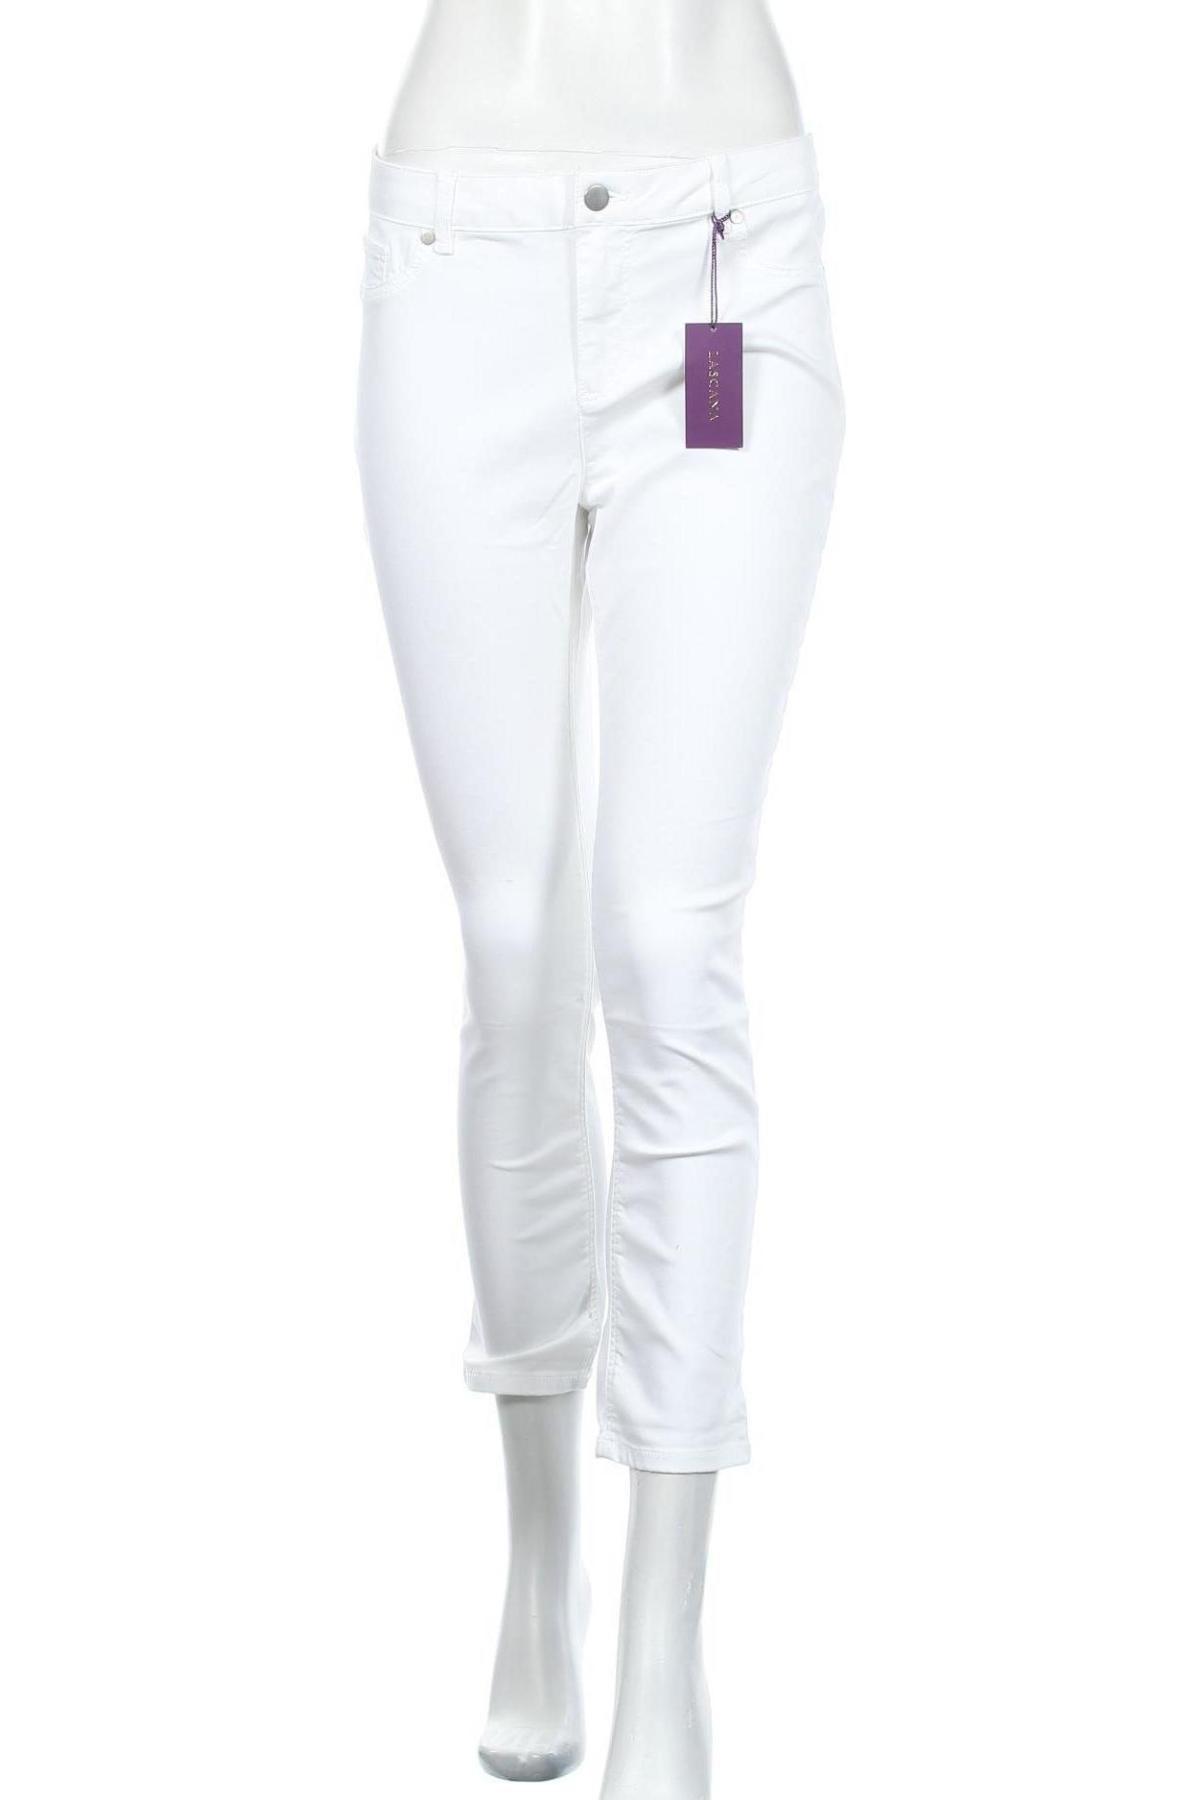 Дамски панталон Lascana, Размер M, Цвят Бял, 66% памук, 31% полиестер, 3% еластан, Цена 13,98лв.